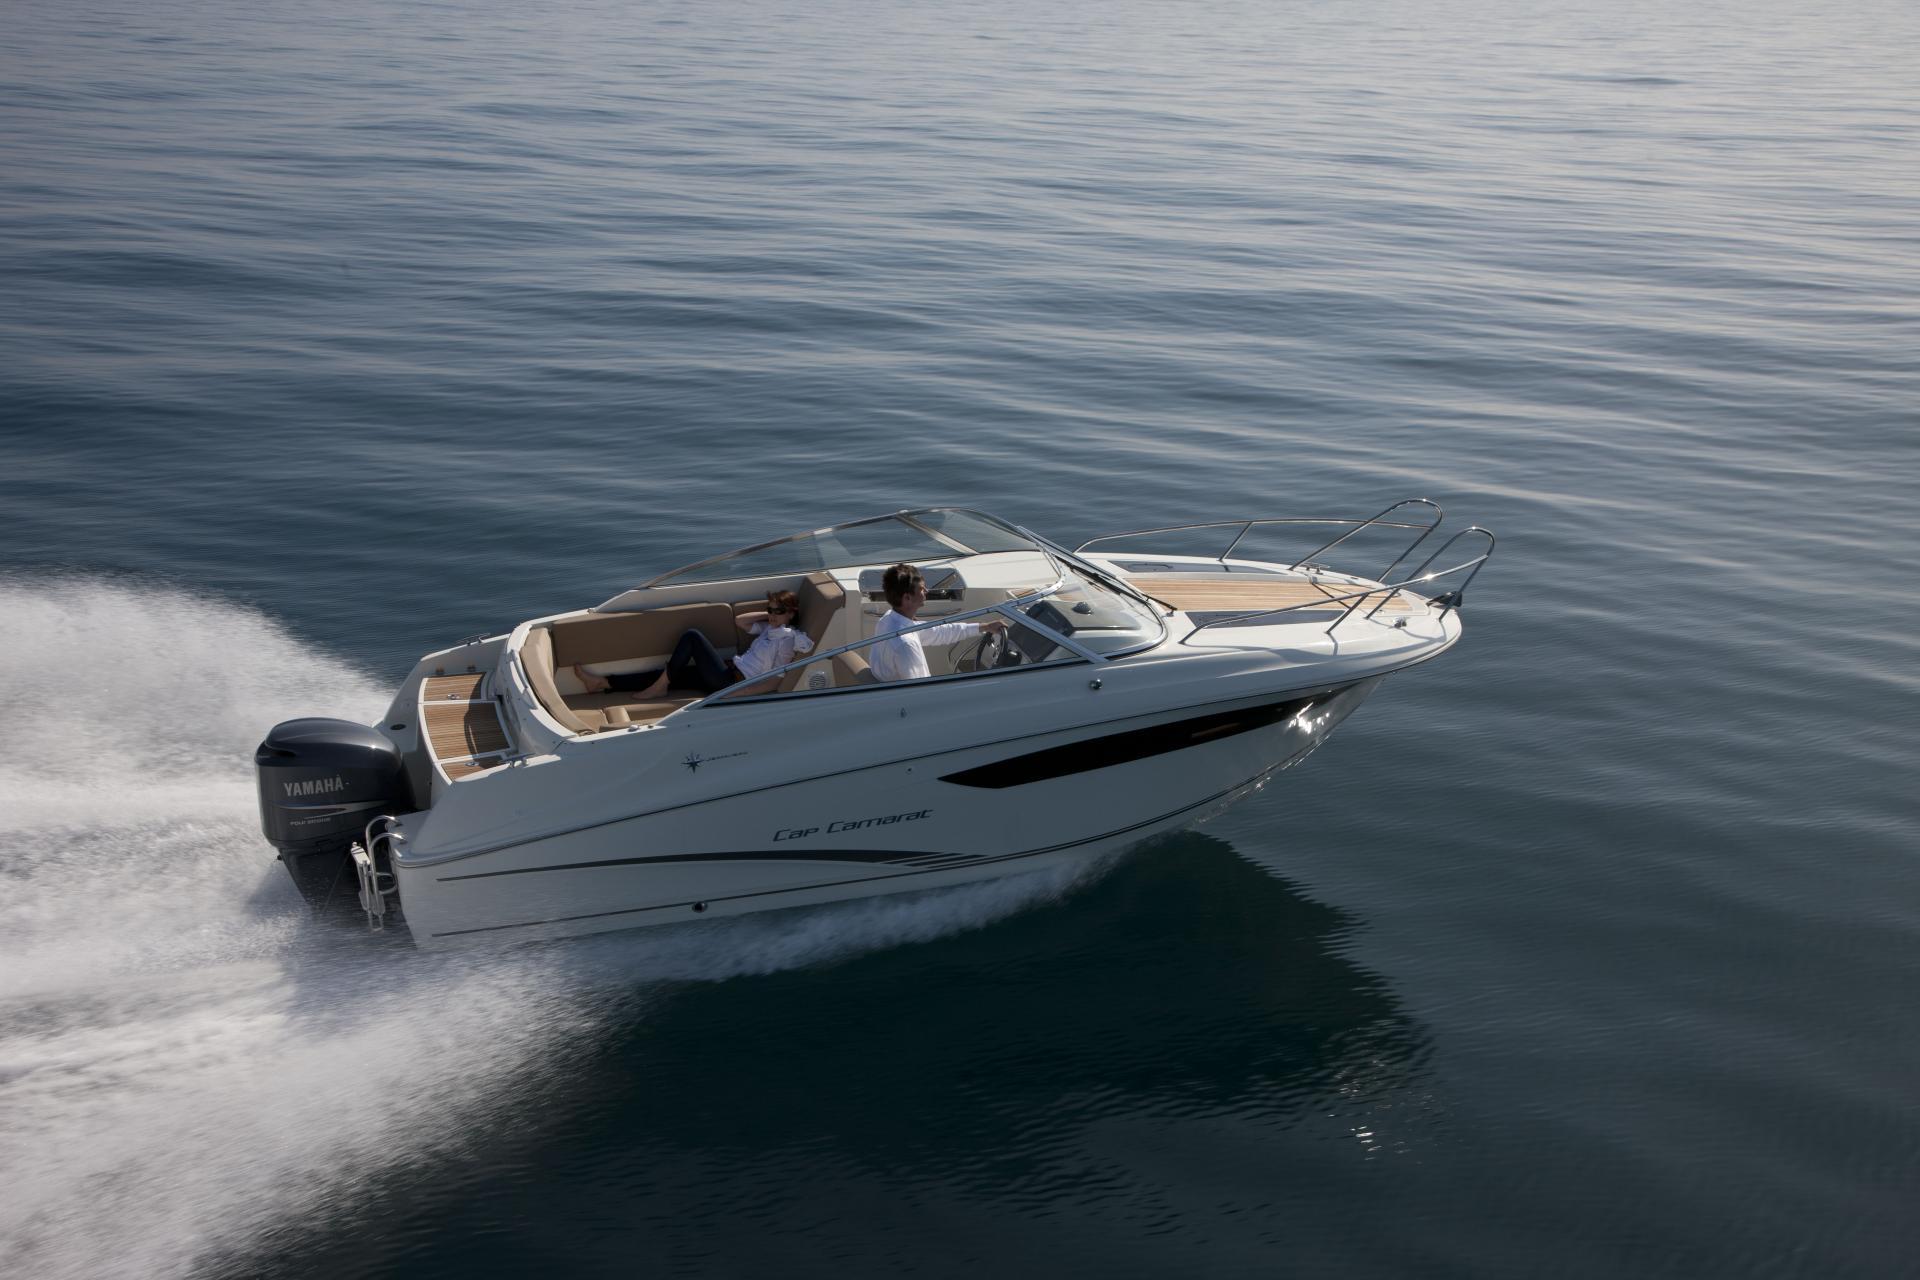 tandem io cabrio merc larson cruisers w bravo cabins mid full cabin mag axle trailer mpi boats iii cruiser